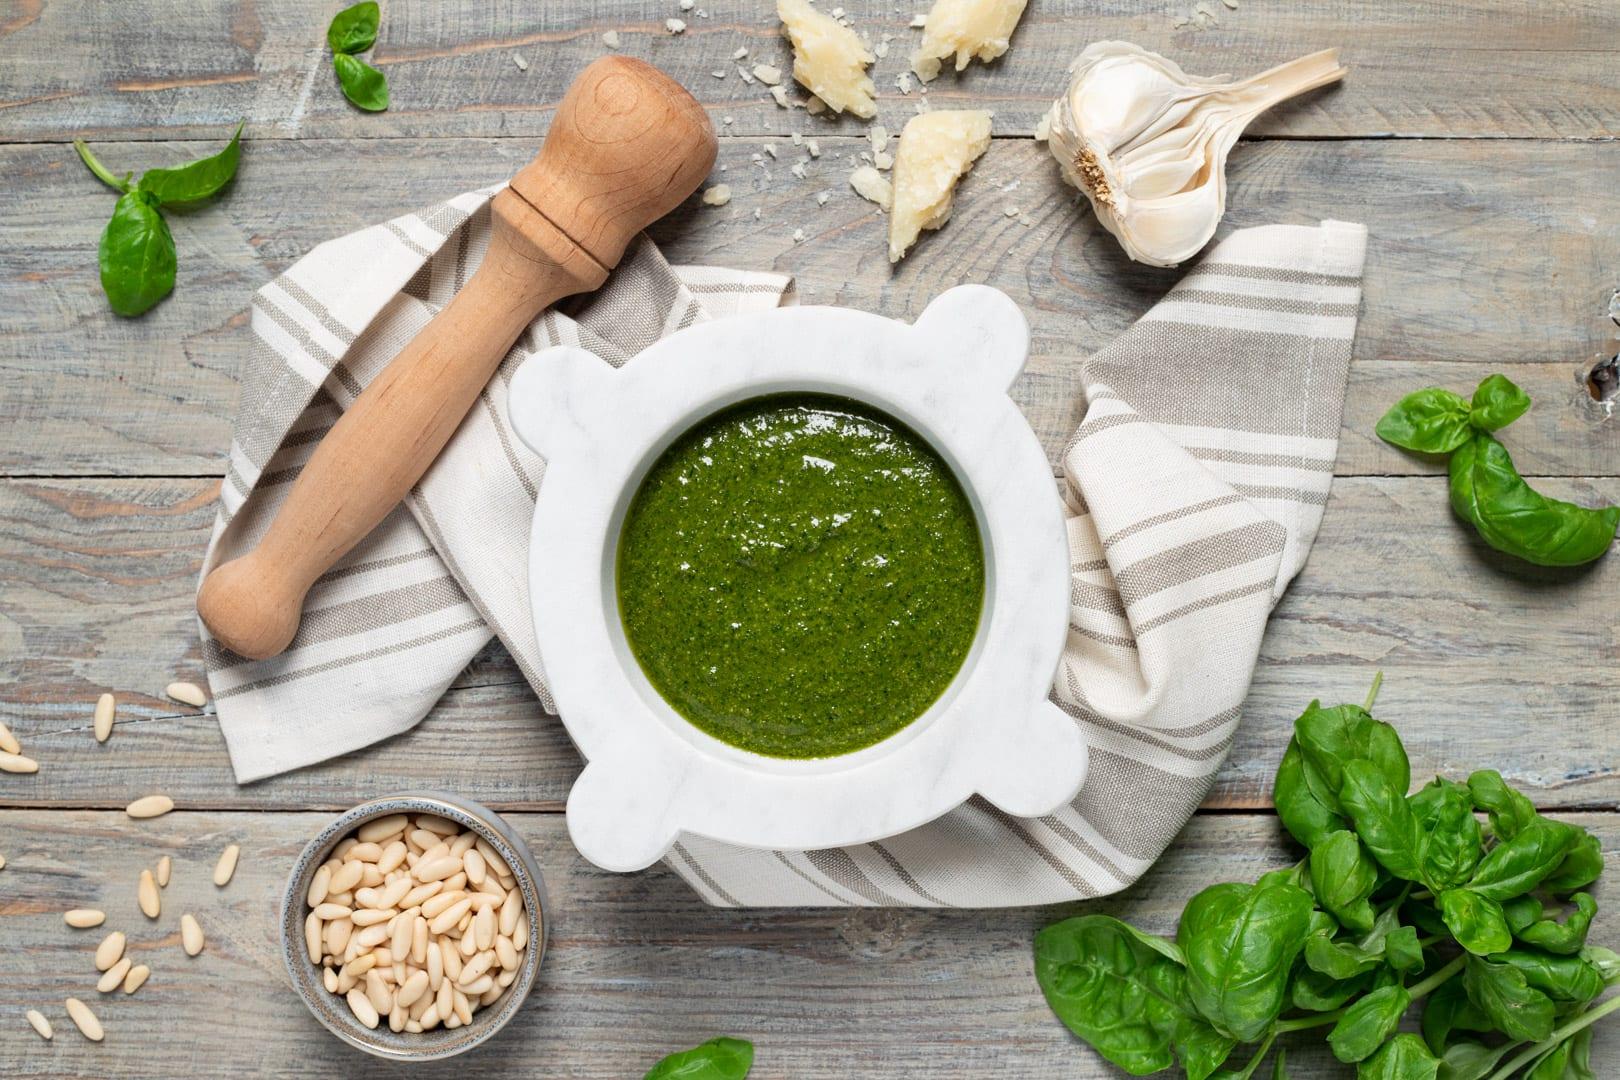 Ricetta Pesto Verde Chiaro.Pesto Alla Genovese La Ricetta Di Sonia Peronaci